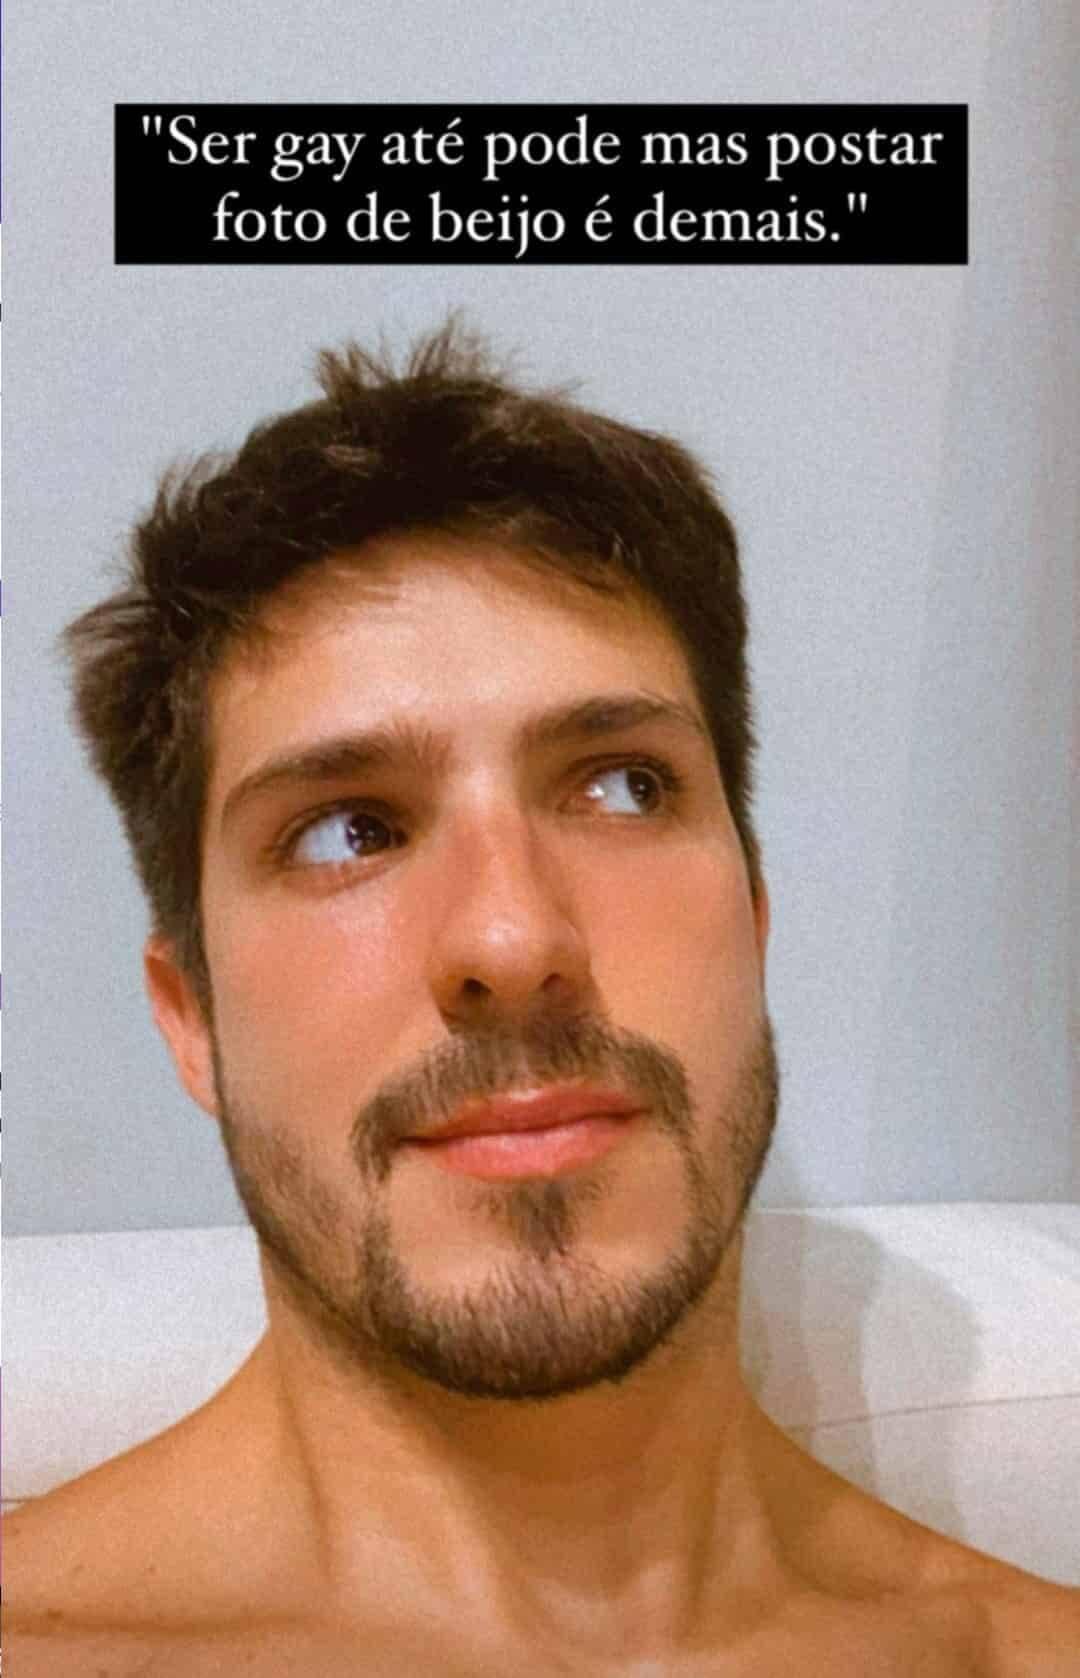 Igor Cosso perde seguidores após clique beijando o namorado: 'normalizem o afeto' (Foto: Reprodução/Instagram)